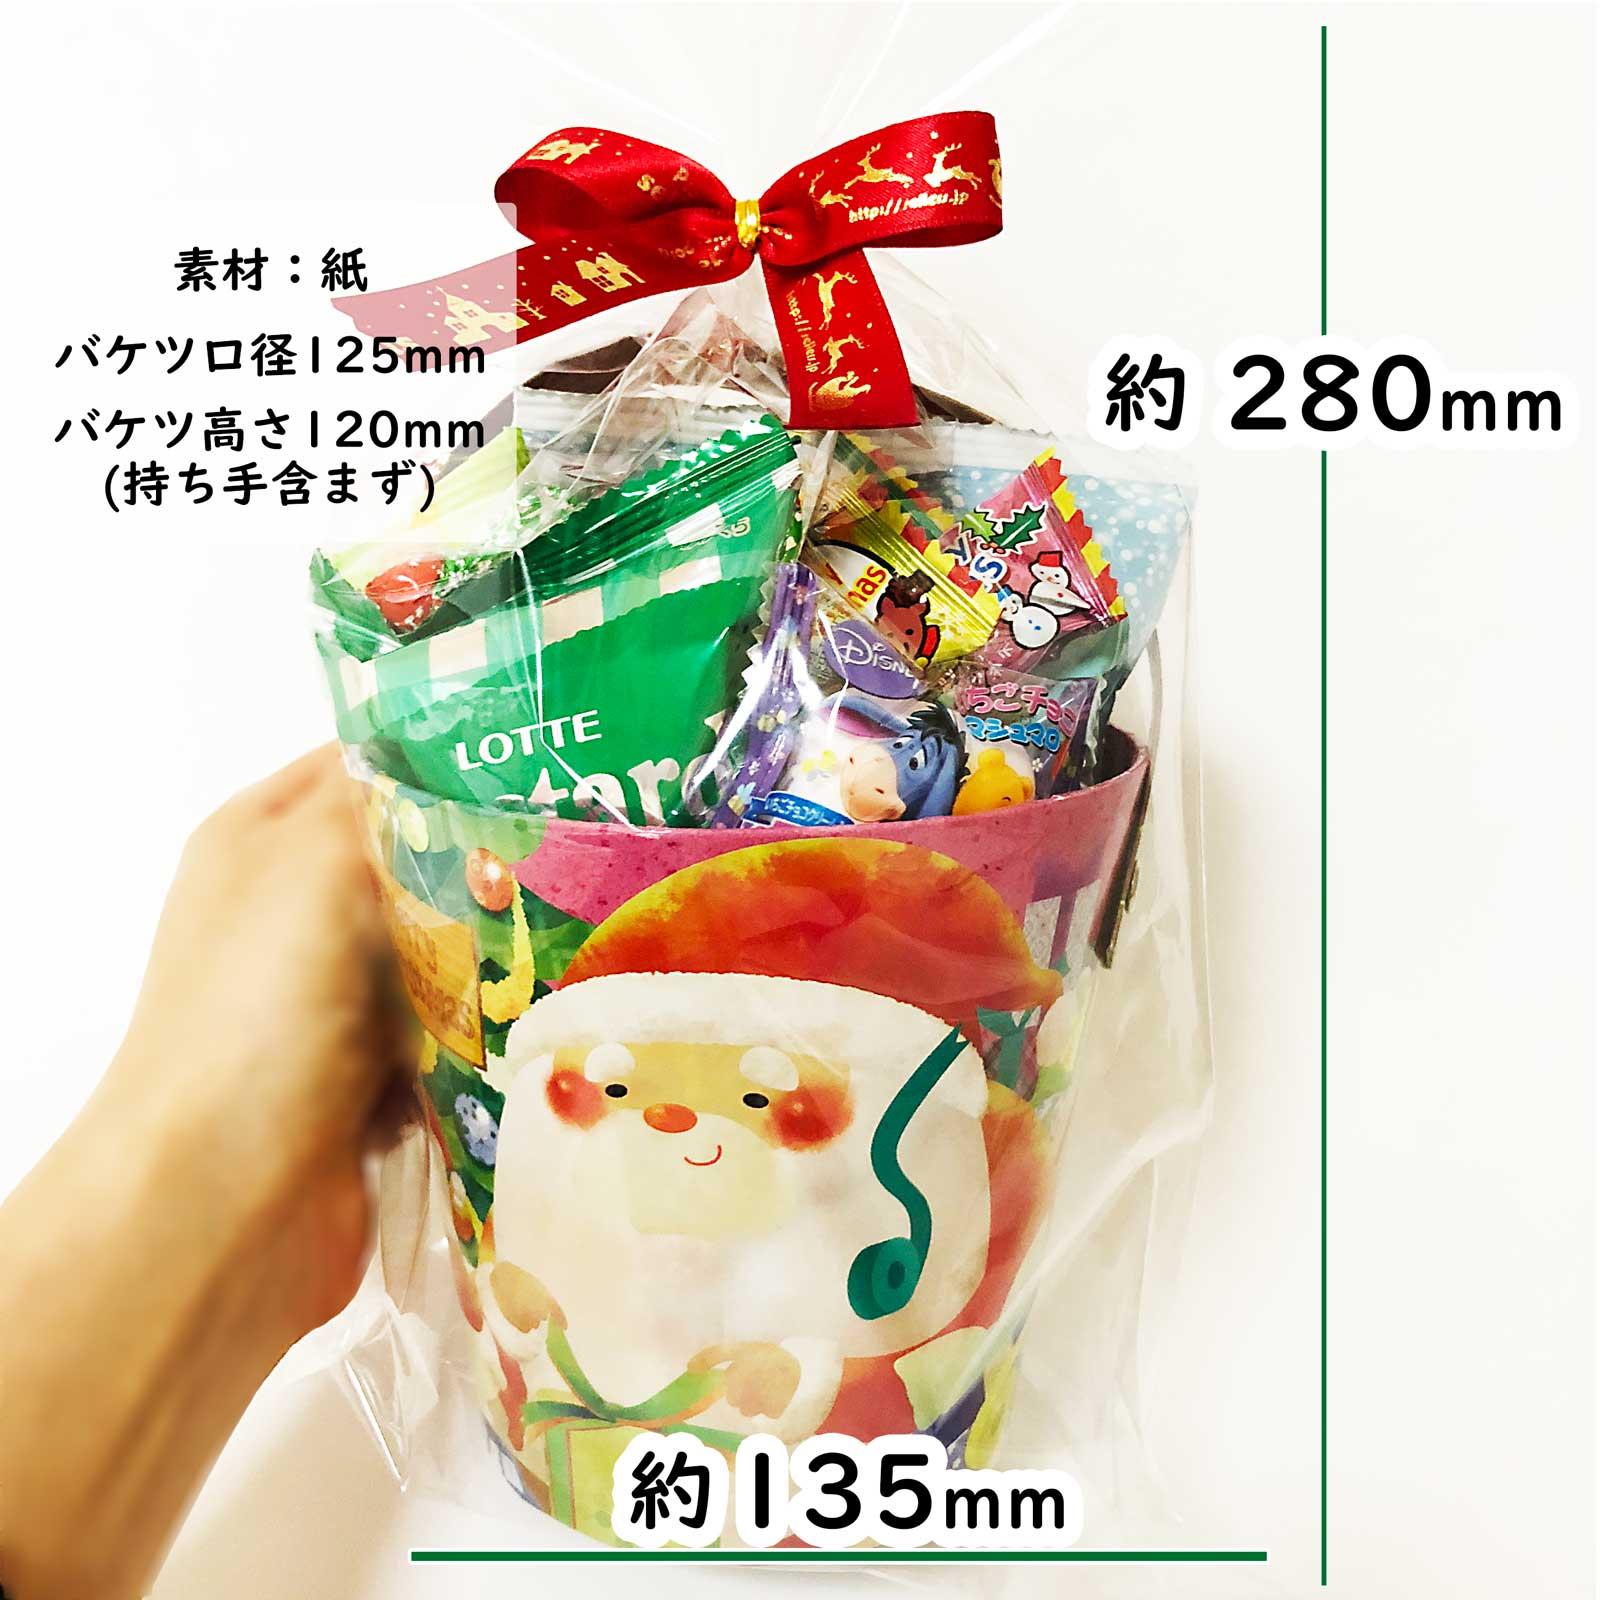 クリスマスお菓子プレゼント